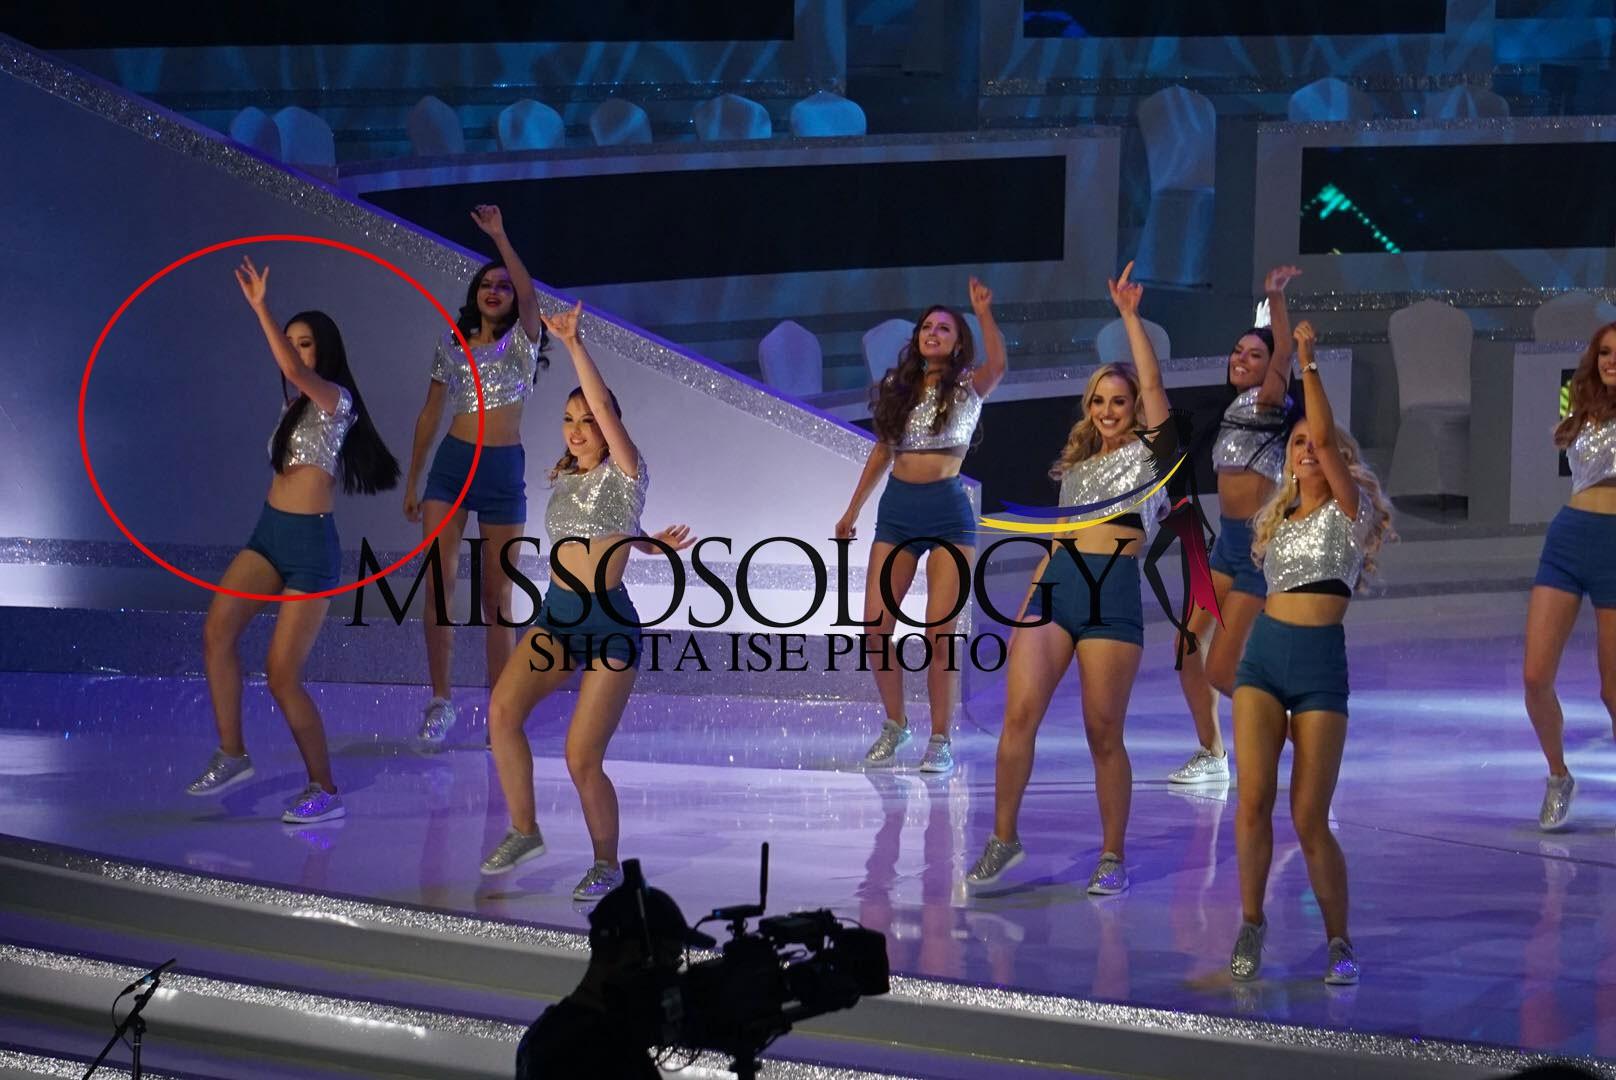 Người đẹp Mexico đăng quang Miss World 2018, Tiểu Vy dừng chân ở Top 30 trong tiếc nuối - Ảnh 8.